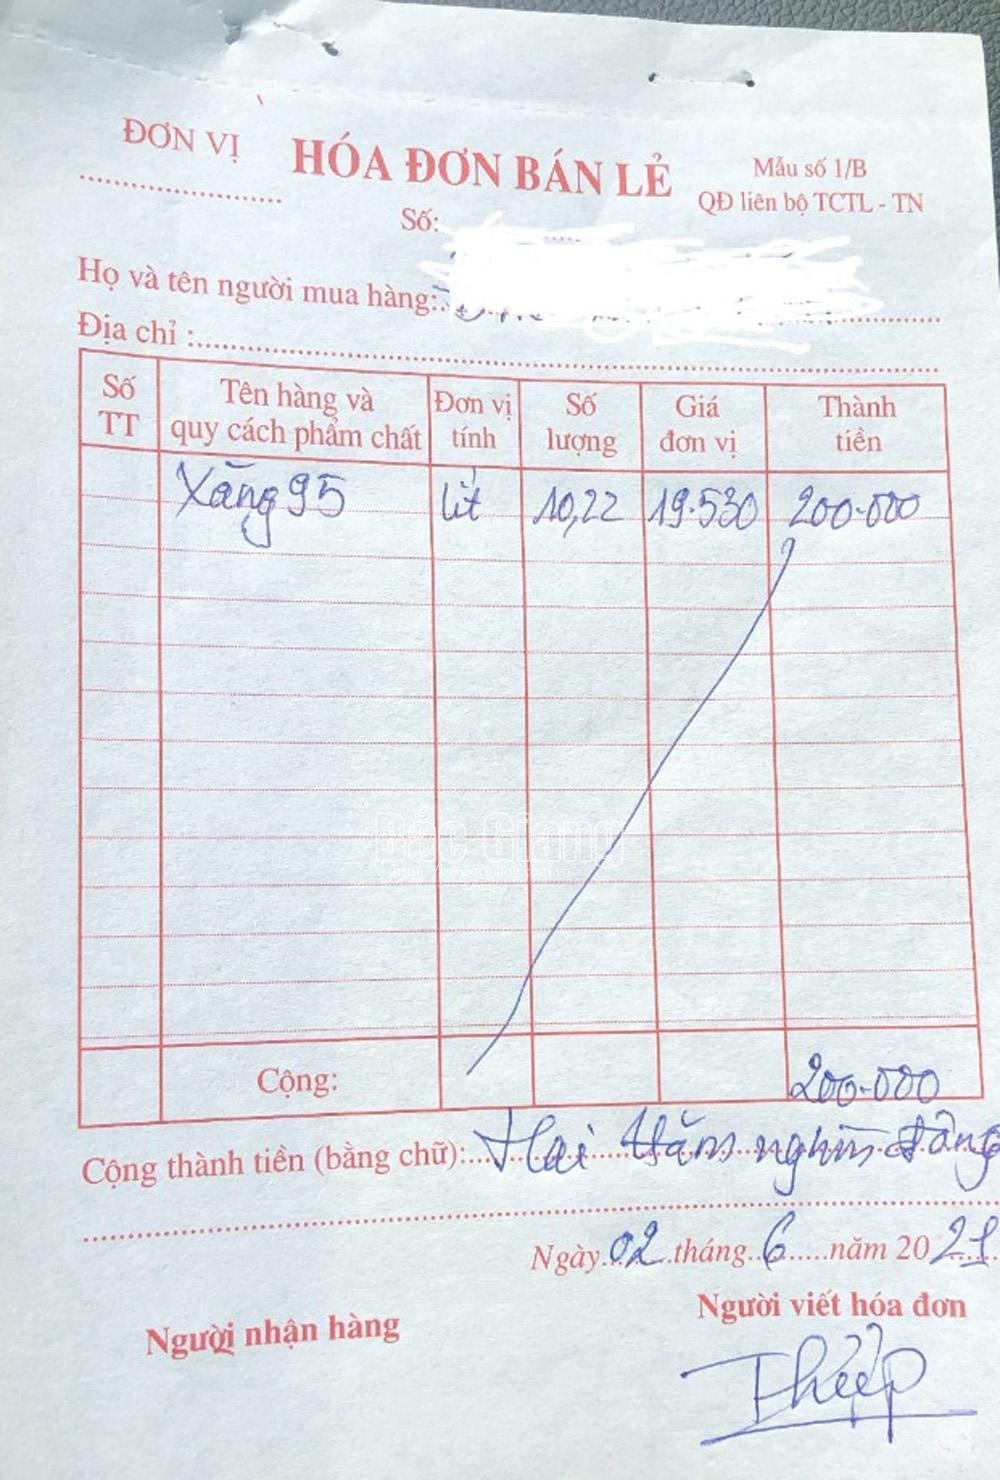 Bắc Giang, doanh nghiệp, vi phạm về thuế